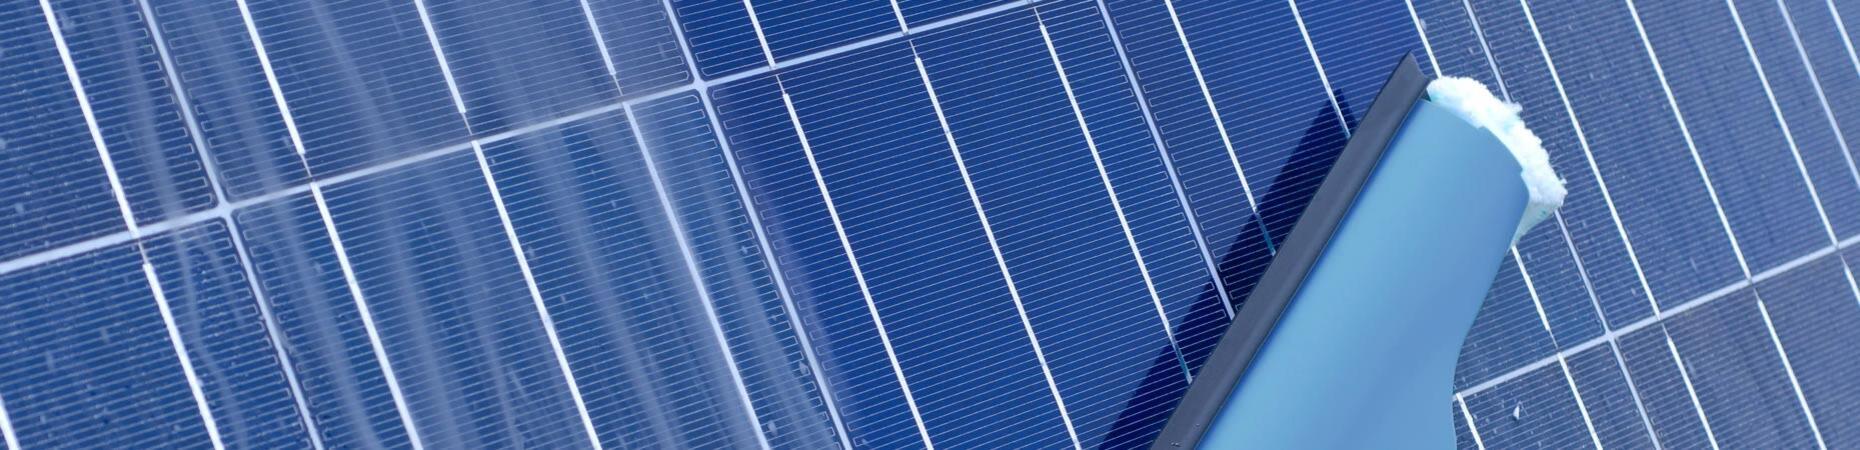 ecoservice-ancona it pulizie-pannelli-solari-ancona 005